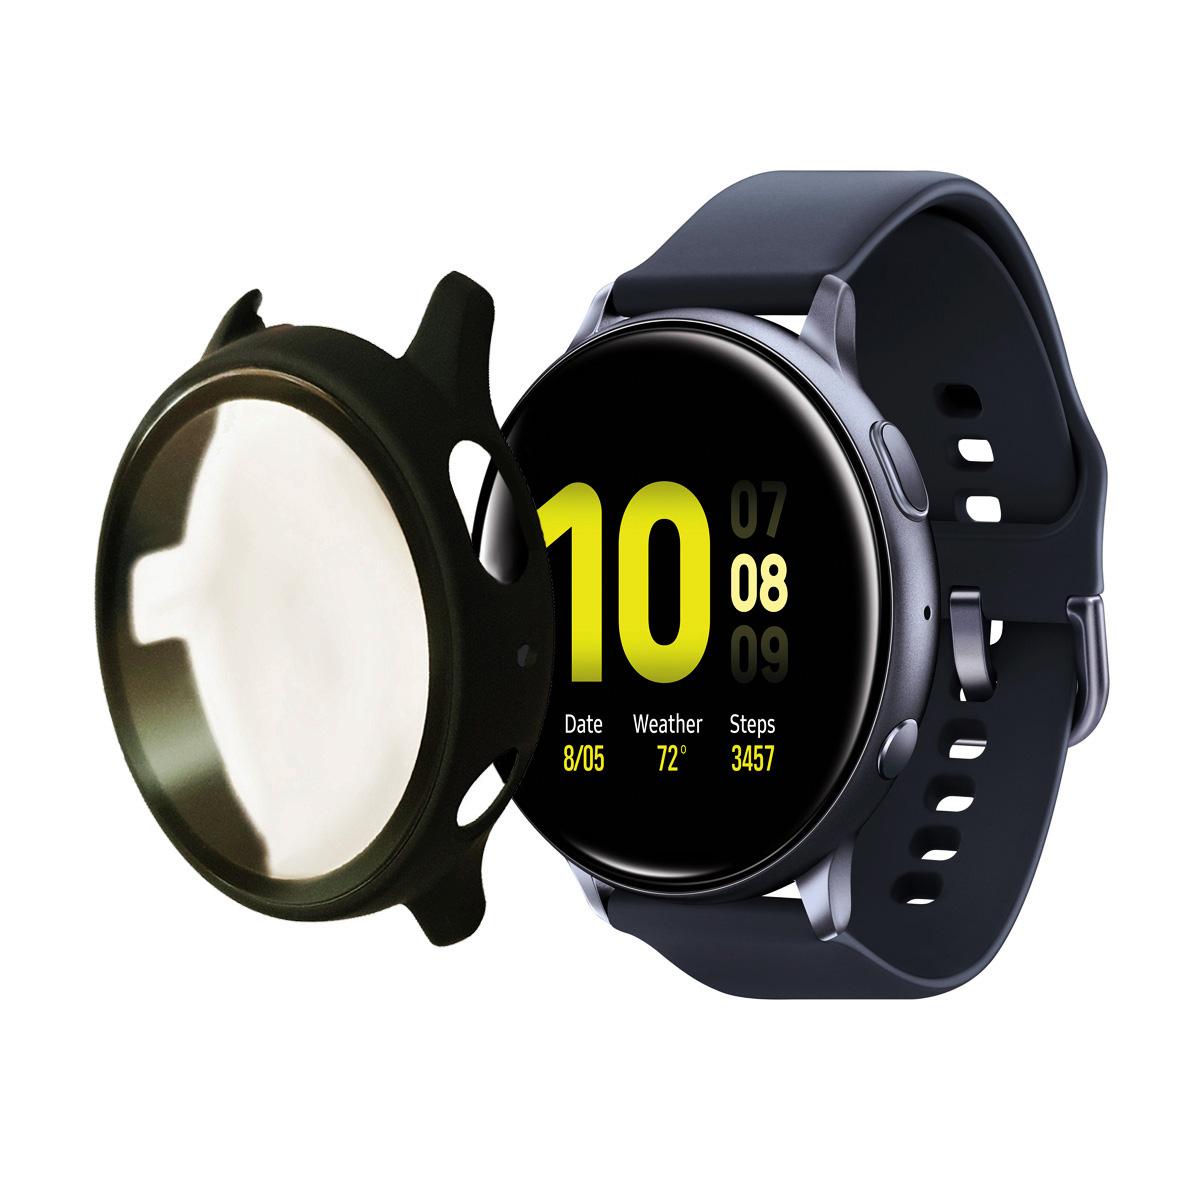 محافظ صفحه نمایش مدل A244gu01to مناسب برای ساعت هوشمند سامسونگ Galaxy Watch Active 2 44mm